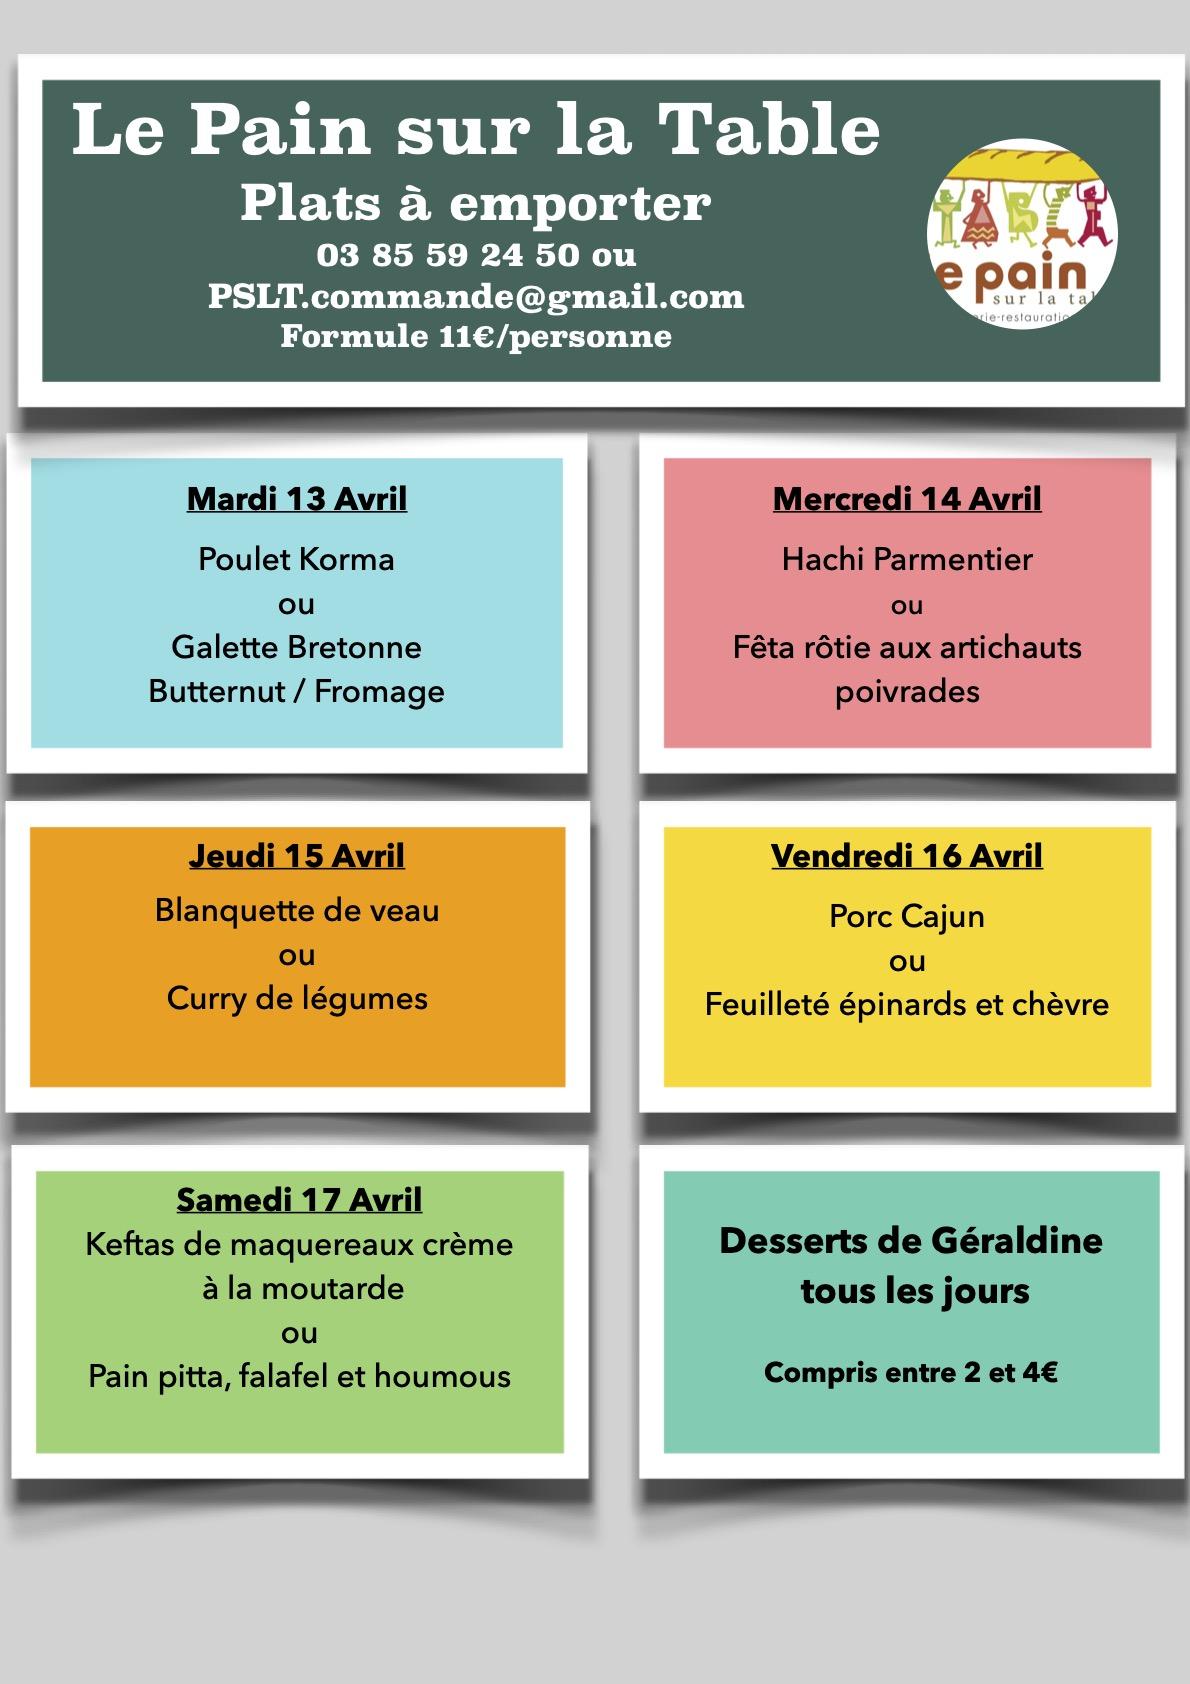 Les Menus de la semaine du 20 au 24 Avril 2021